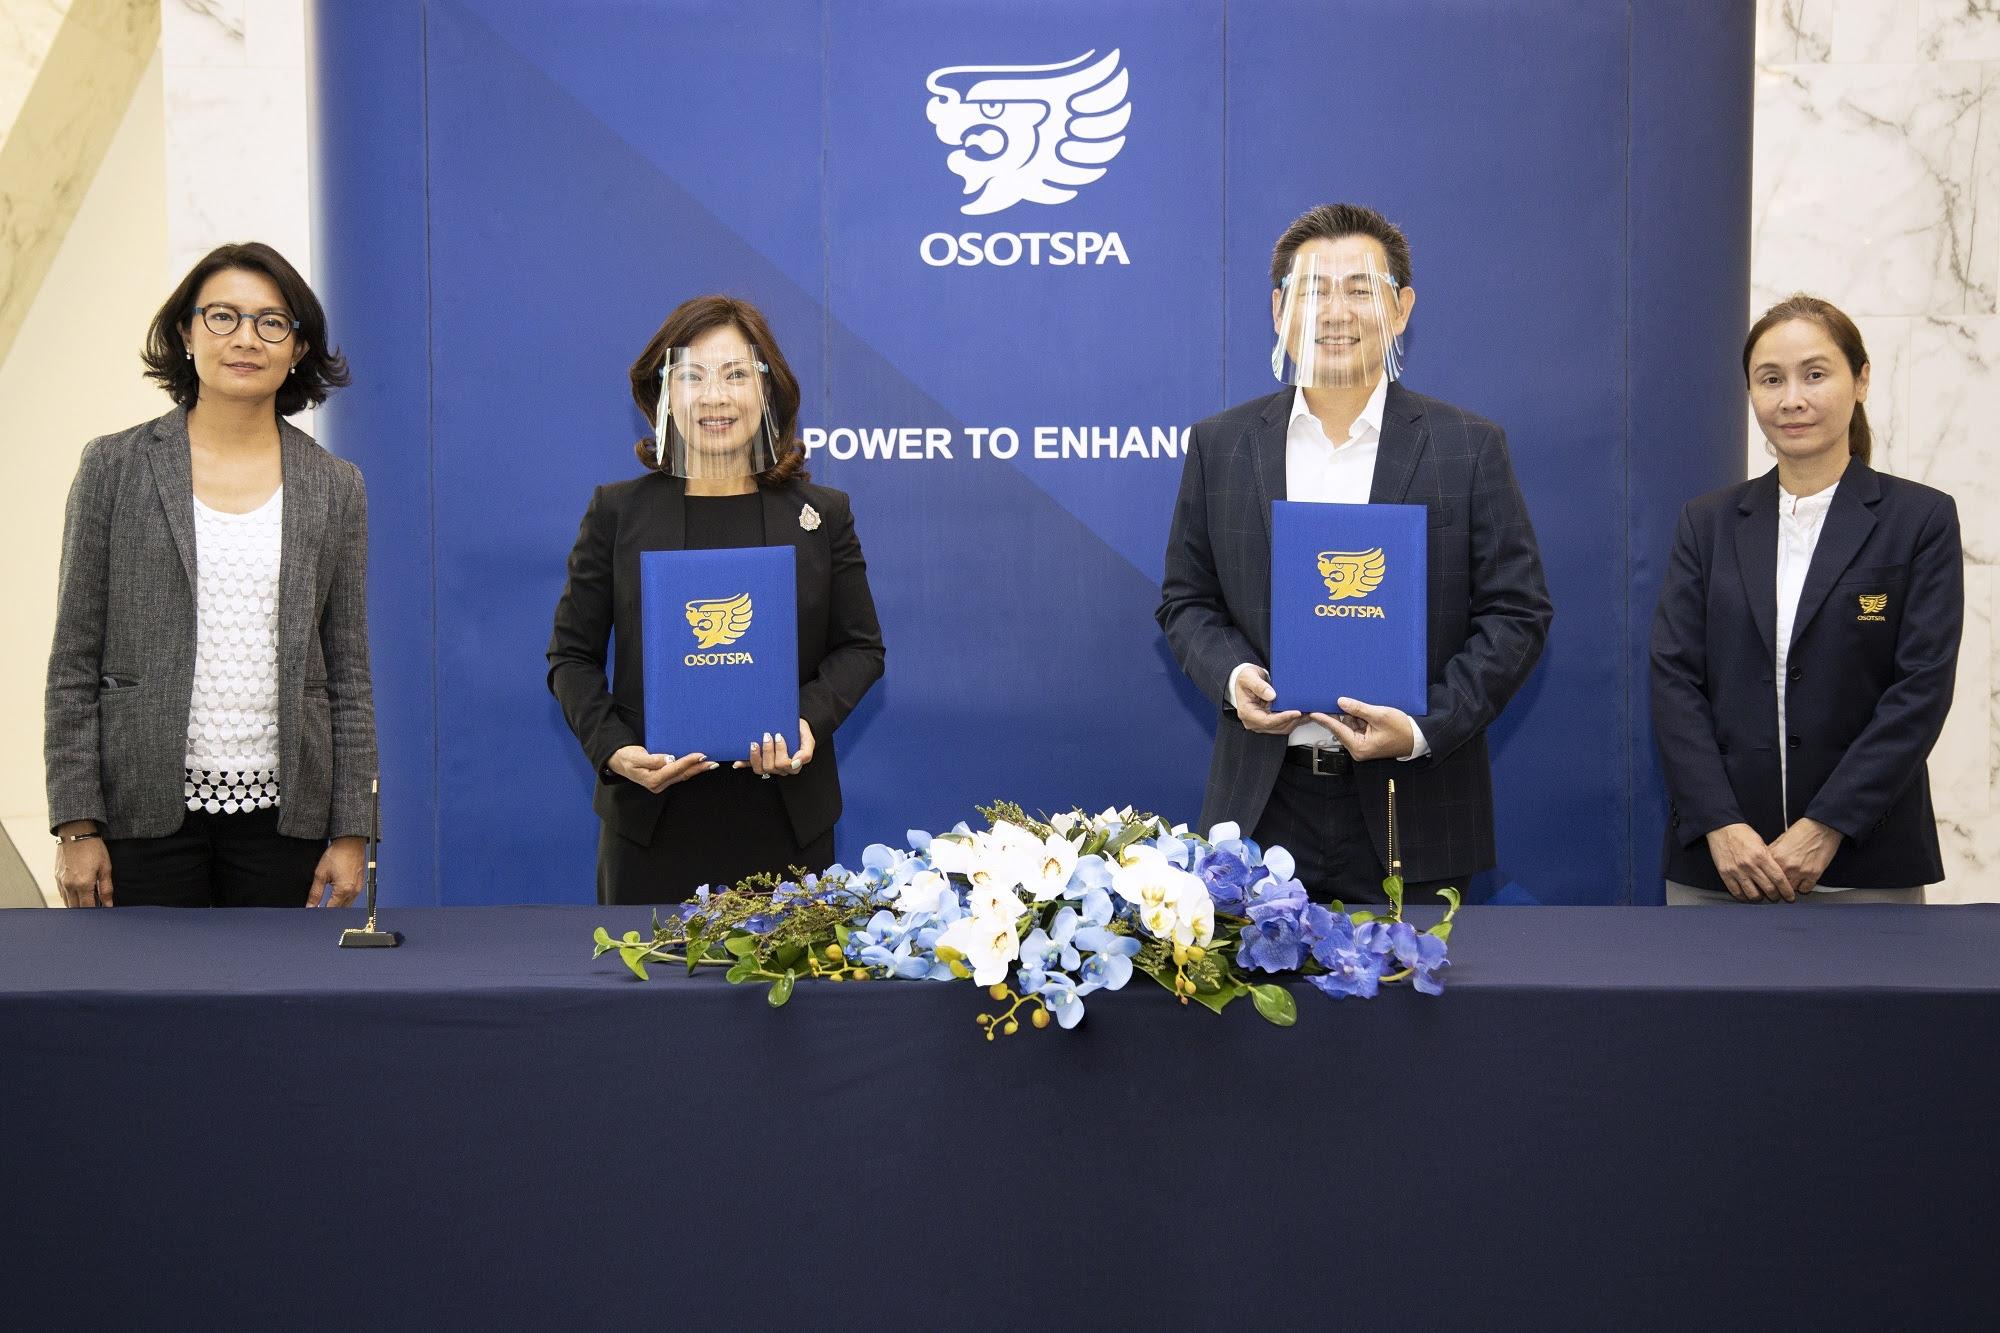 โอสถสภา ผู้ผลิตและจำหน่ายสินค้าอุปโภคบริโภคชั้นนำของประเทศไทย ลงนามเซ็นสัญญาติดตั้งระบบผลิตไฟฟ้าพลังงานแสงอาทิตย์ ร่วมกับ คลีนเทค โซลาร์